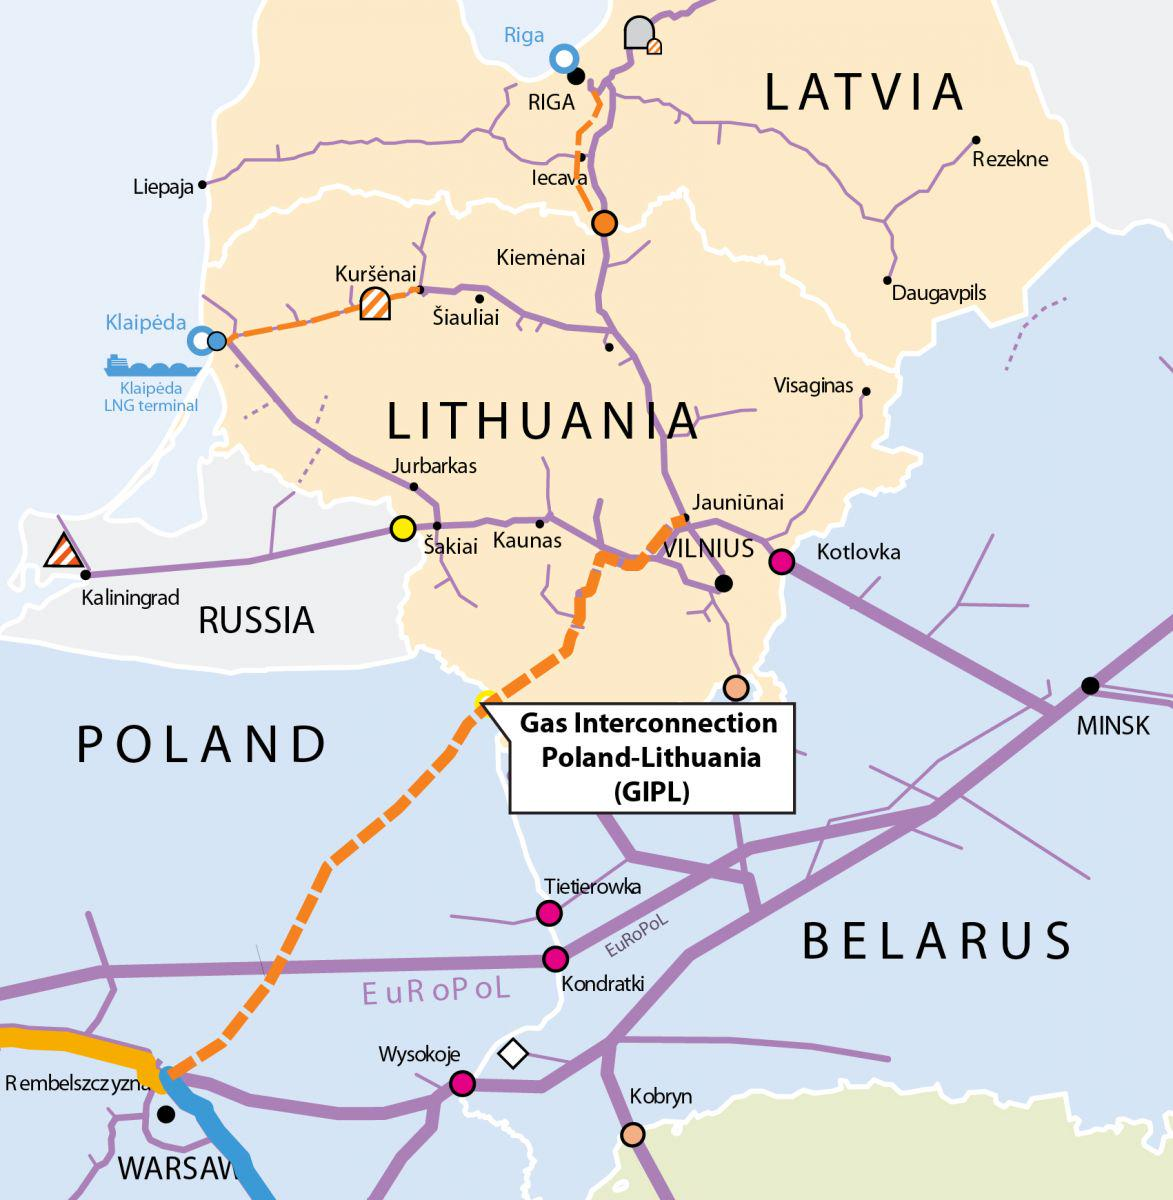 #GIPL is great news for Europe! Gera žinia Lietuvai! Dobra wiadomość dla Polski! #LitPolLink http://t.co/3trsCc6qkU http://t.co/k09nxaBC1E